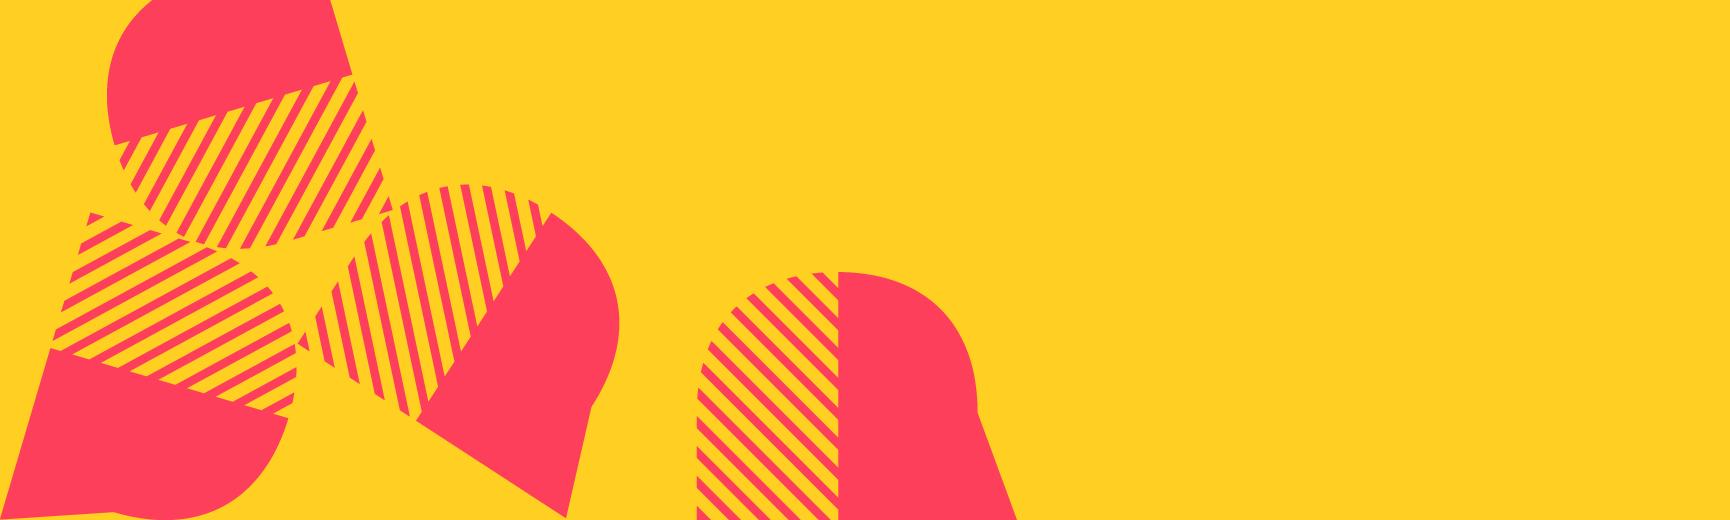 Festival of Ideas logo on orange background